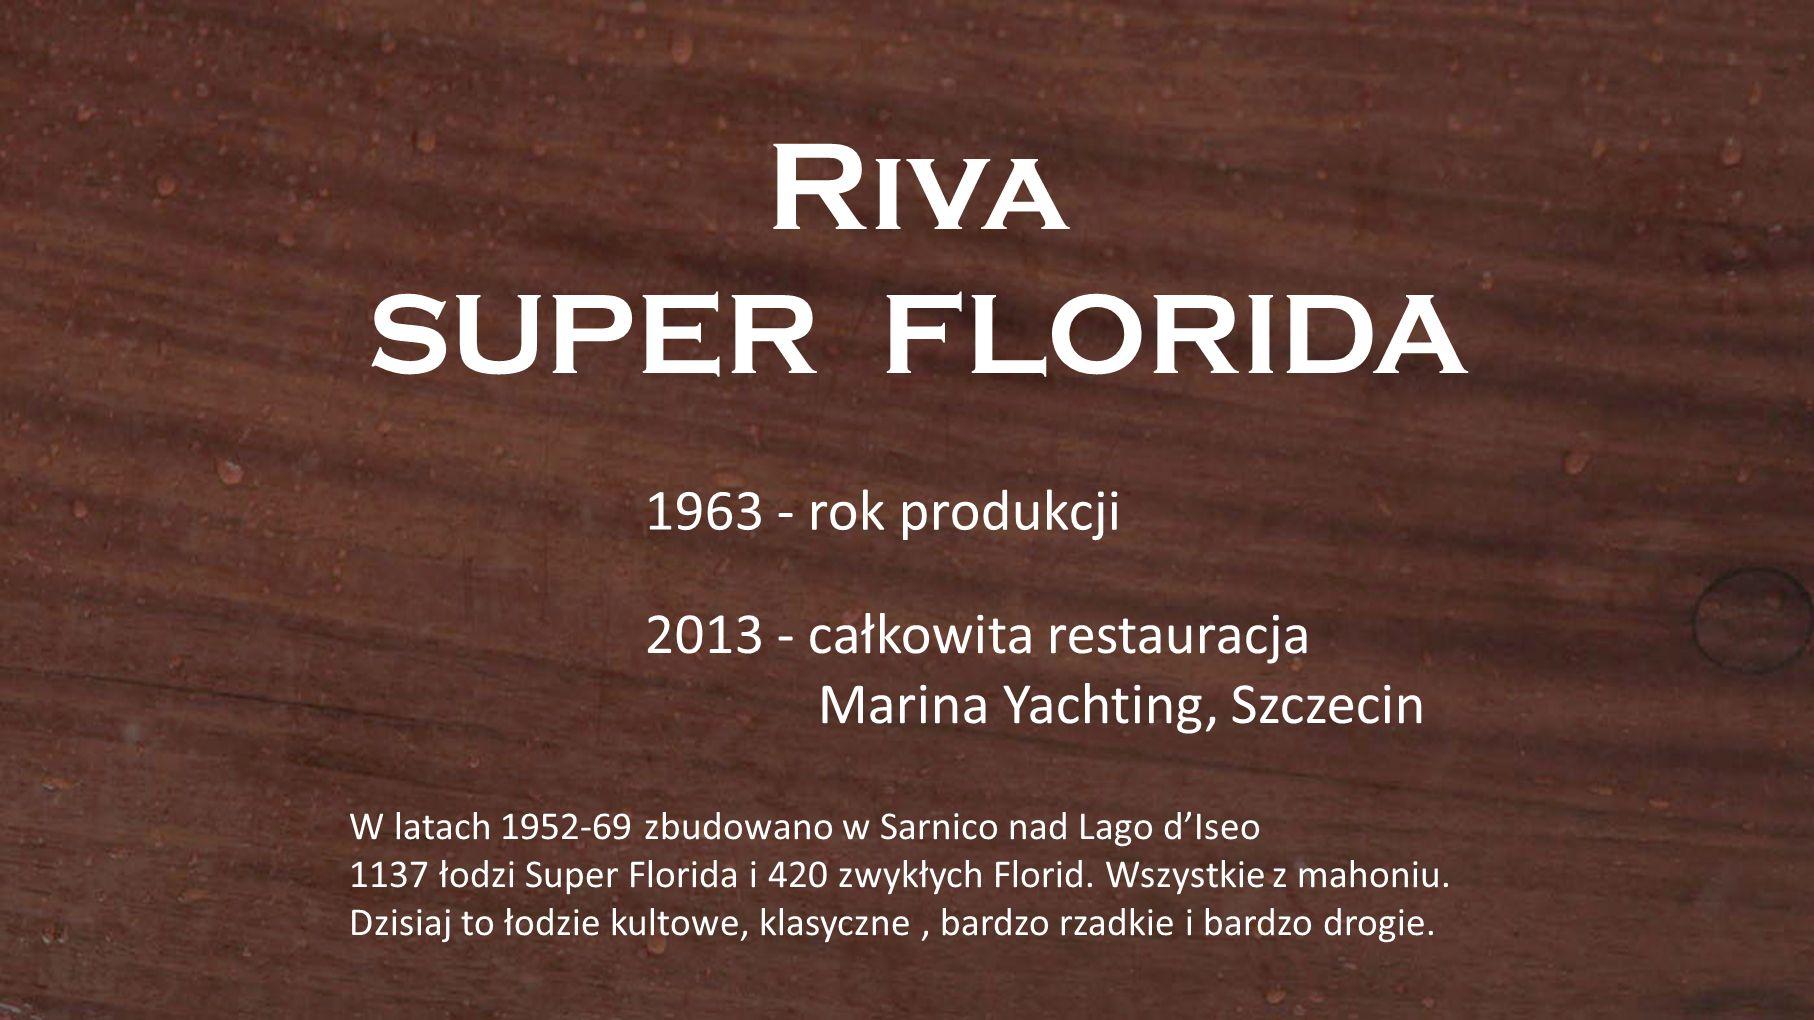 Riva SUPER FLORIDA 1963 - rok produkcji 2013 - całkowita restauracja Marina Yachting, Szczecin W latach 1952-69 zbudowano w Sarnico nad Lago dIseo 1137 łodzi Super Florida i 420 zwykłych Florid.